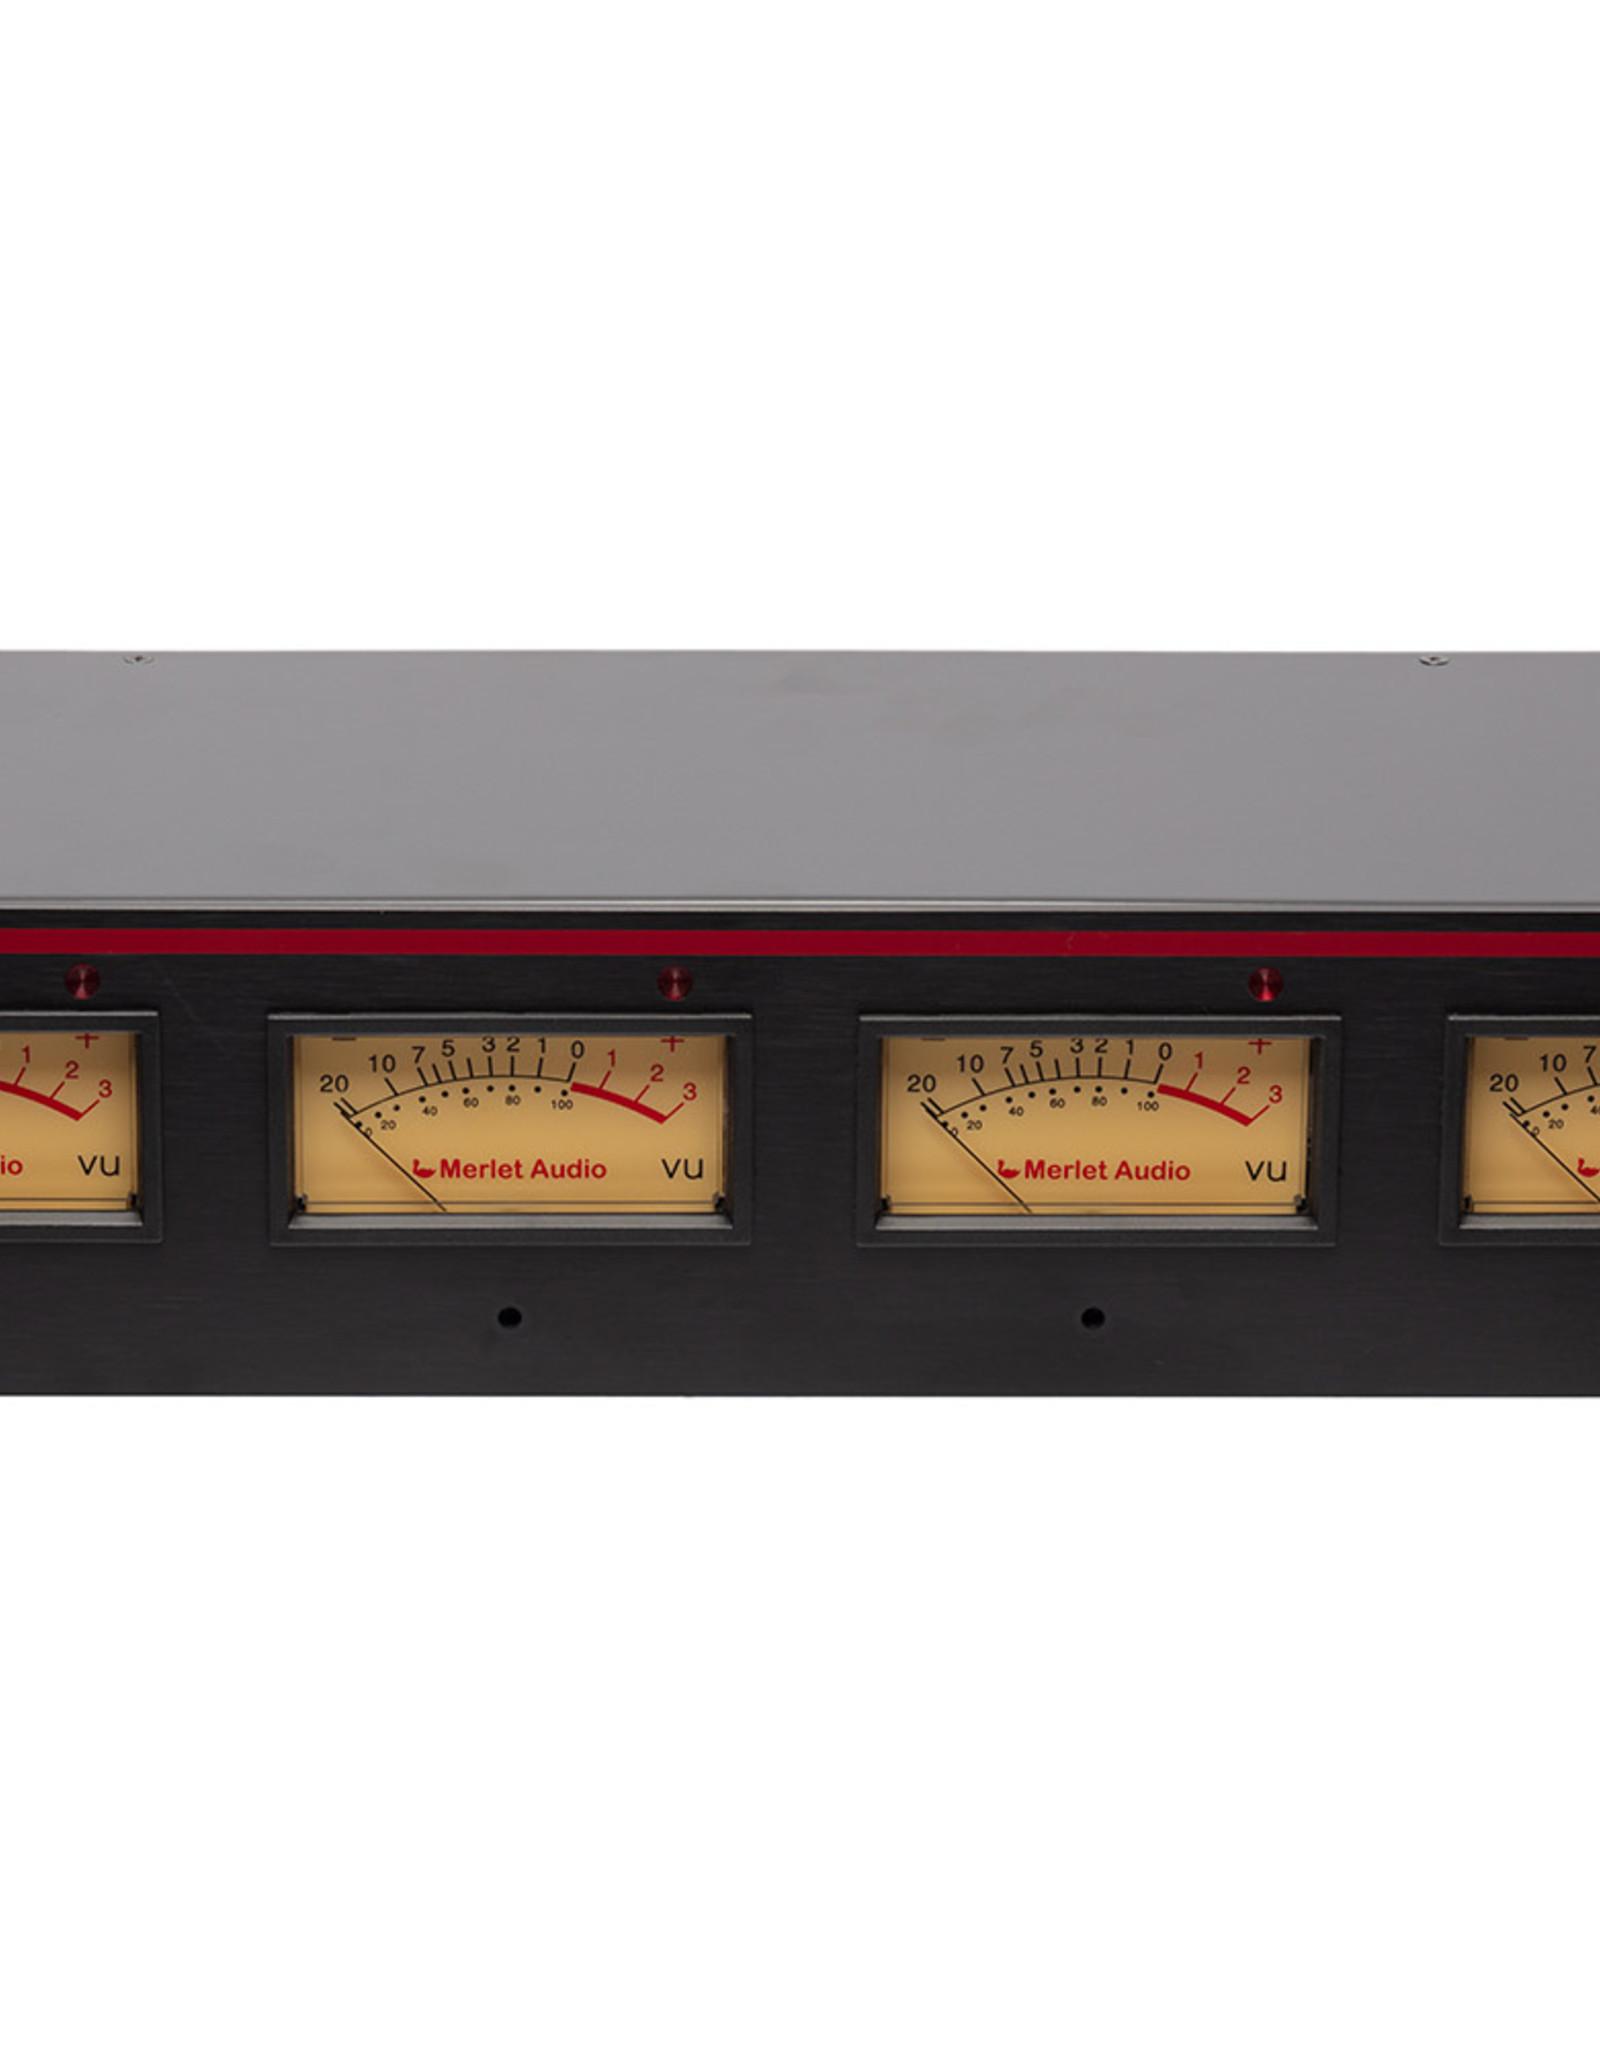 Merlet Merlet Audio  QuadVU 4 channel analog VU meter with peak indicator